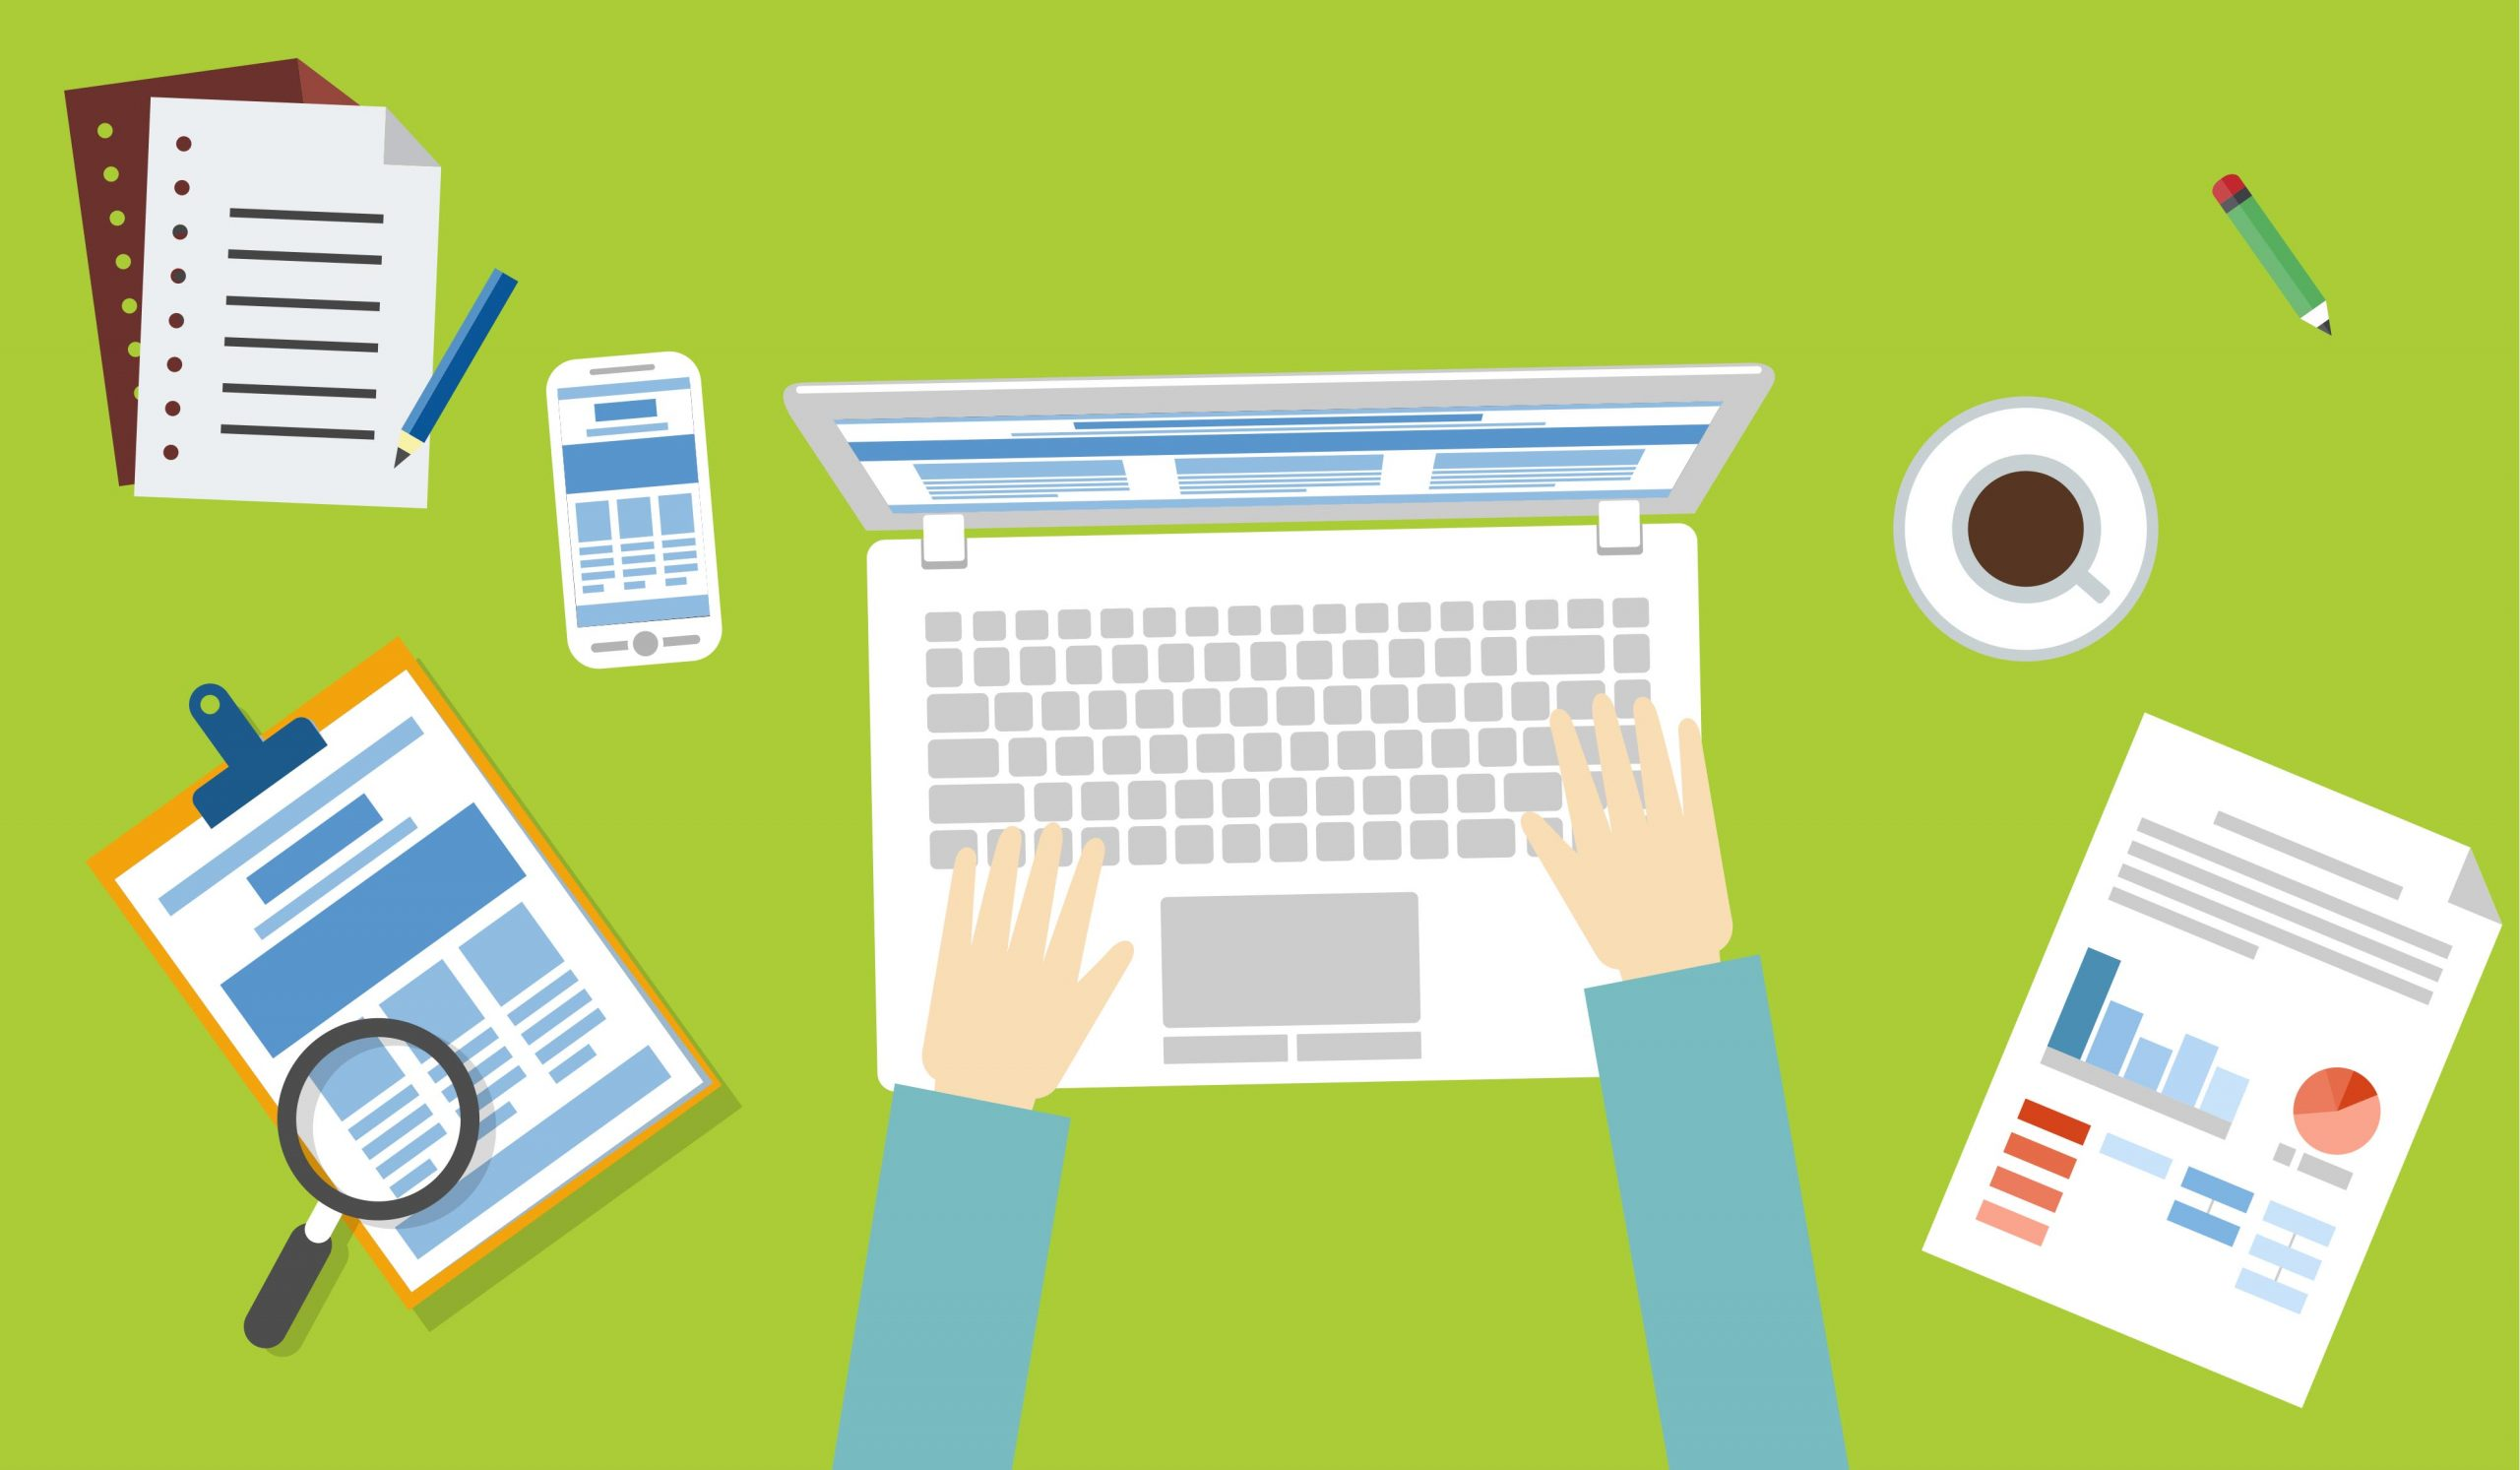 SADC PME VDO stratégie web